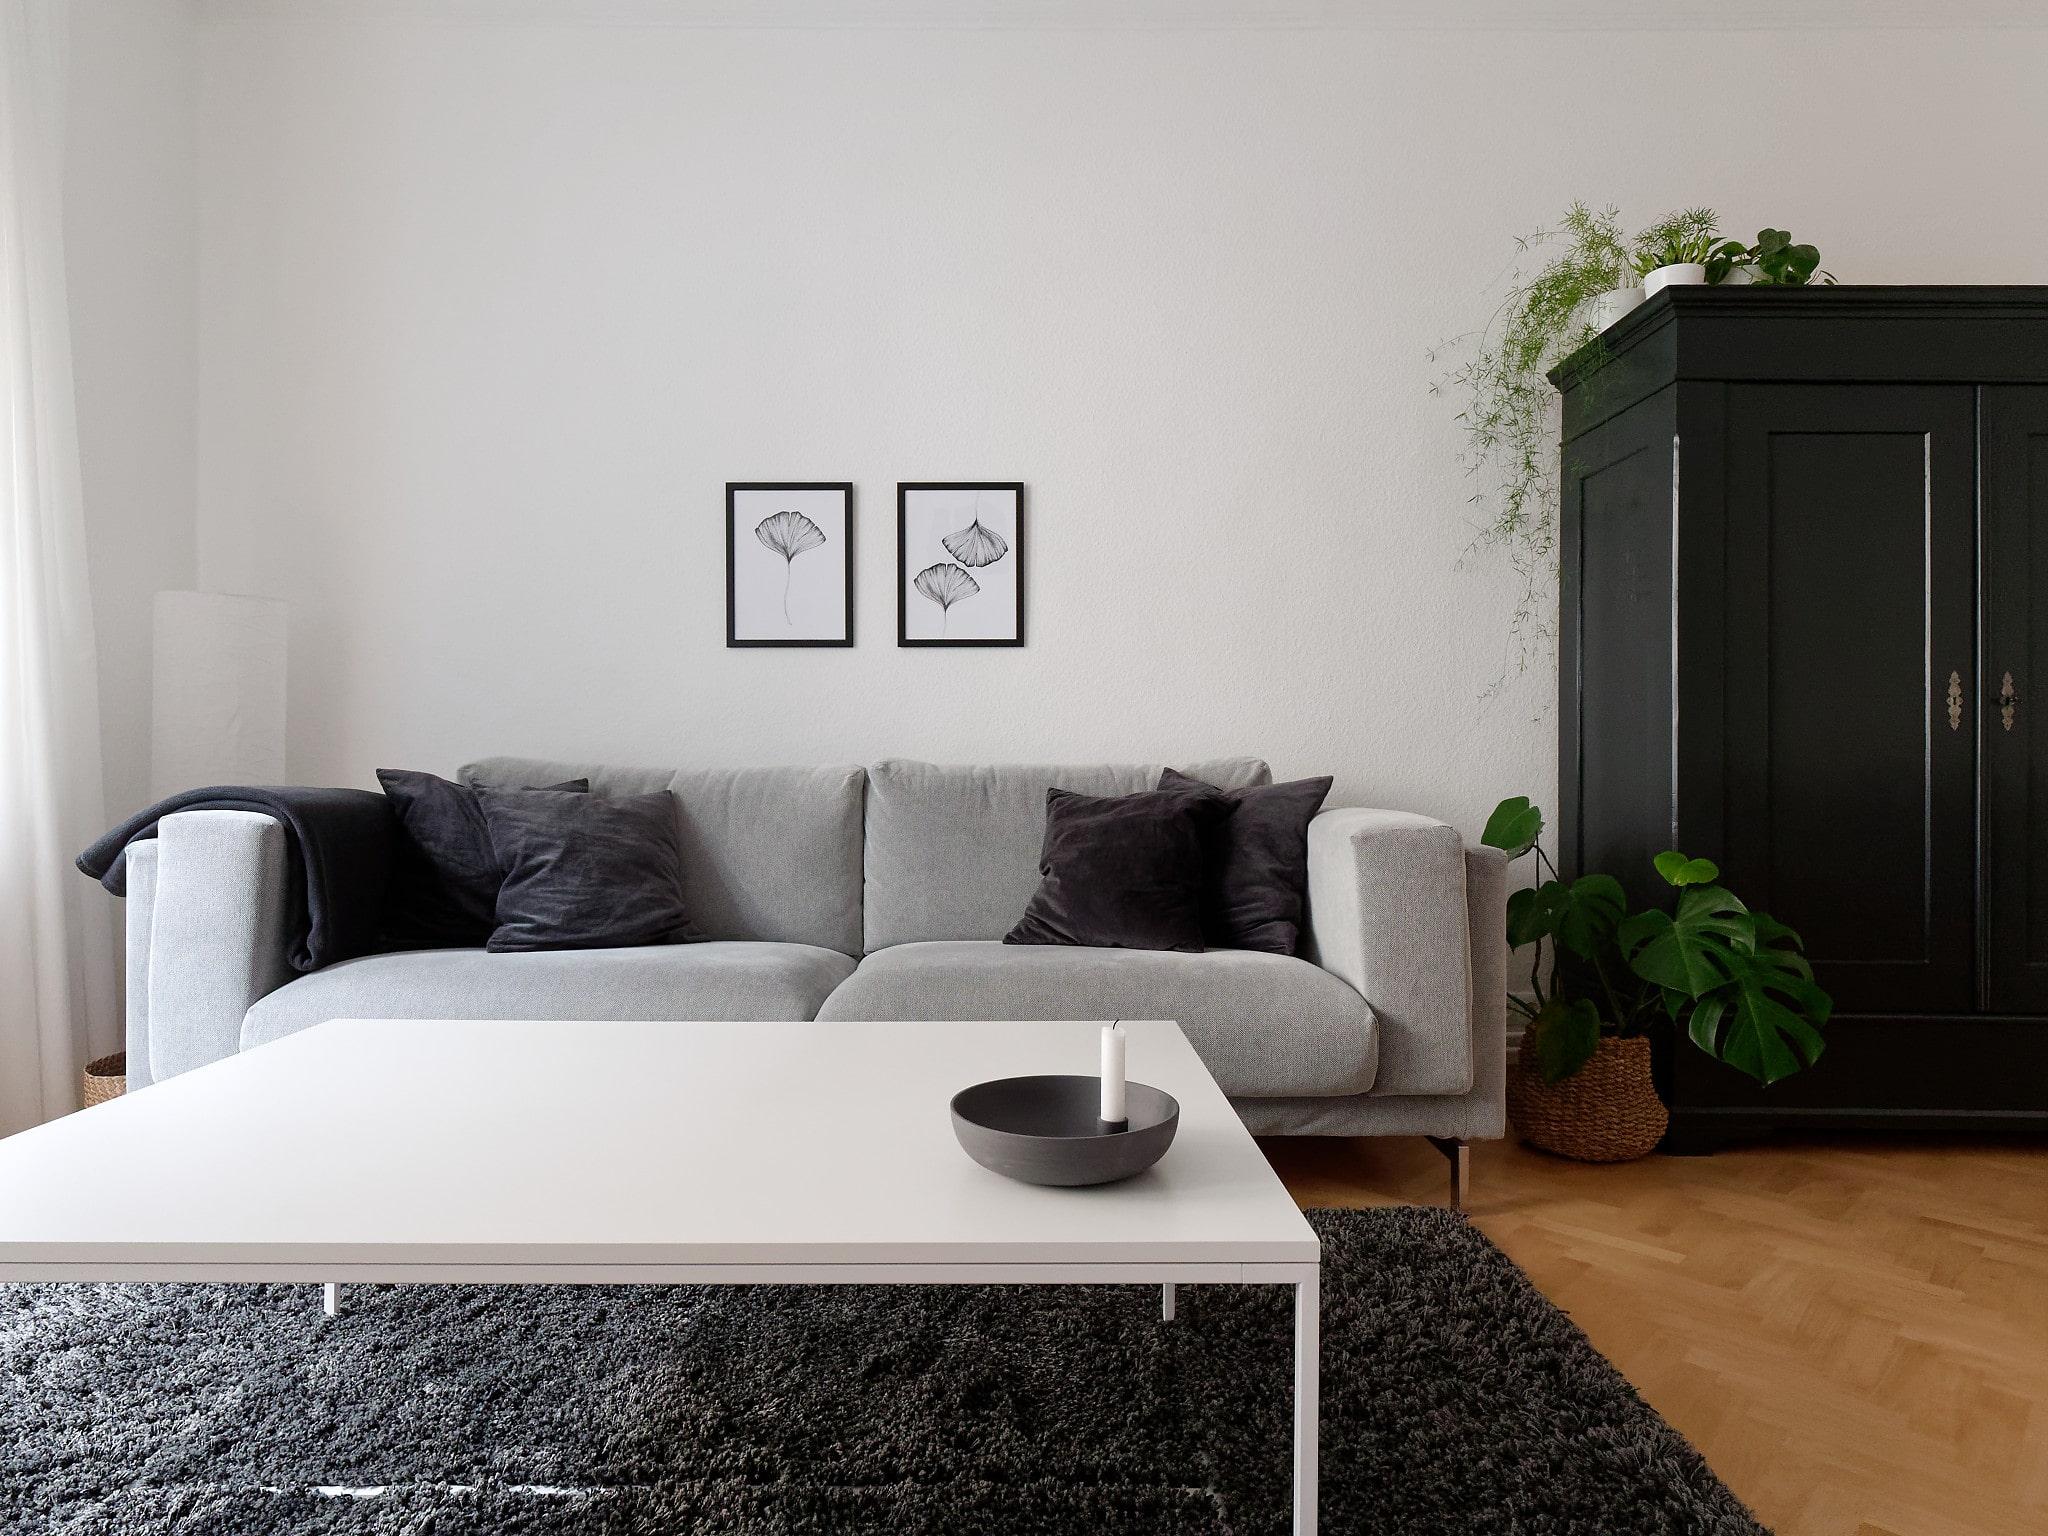 Wohnzimmer in den Farben weiß, grau und schwarz